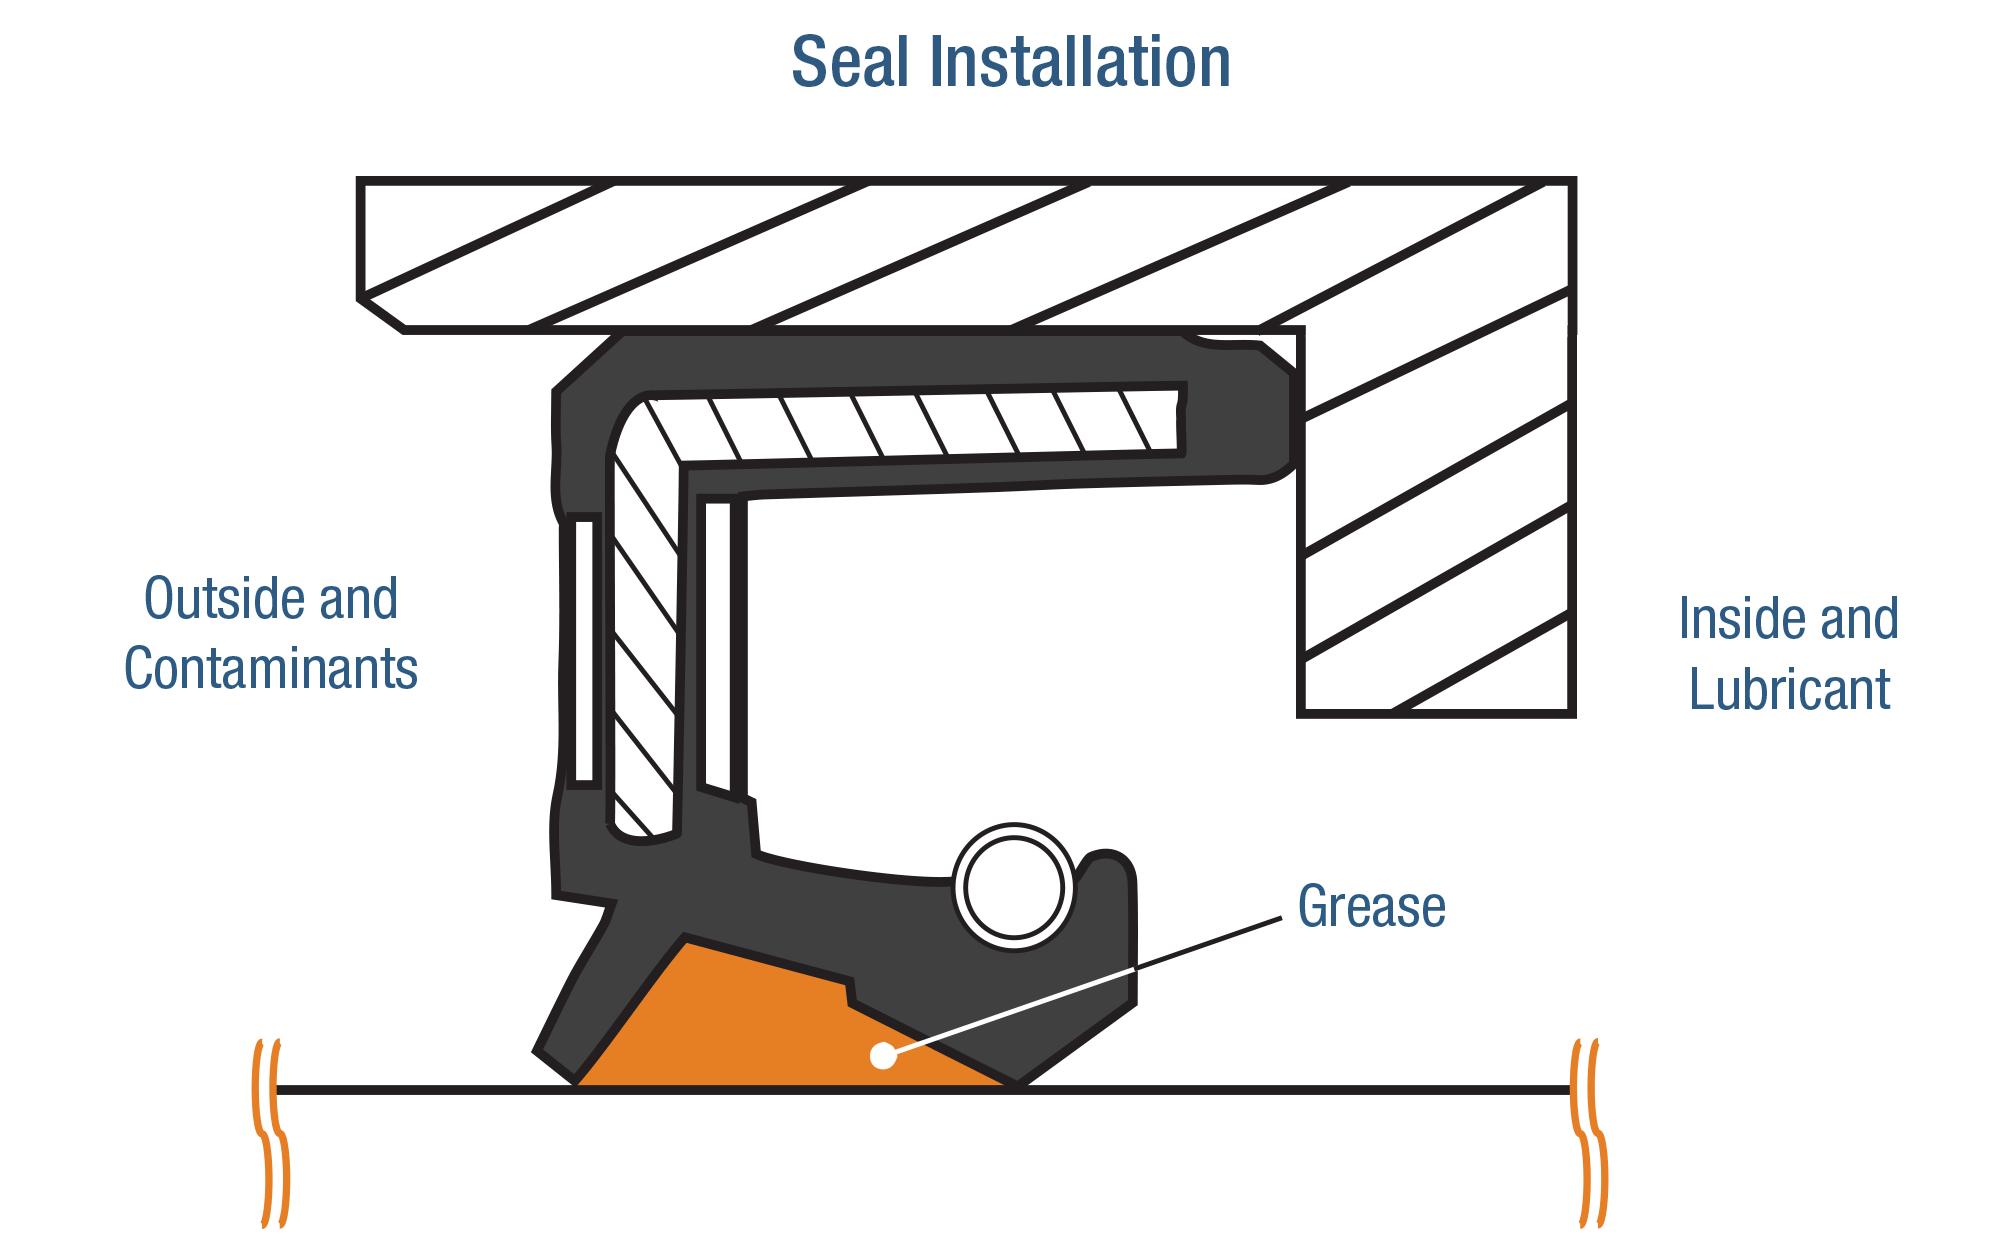 Seal Installation